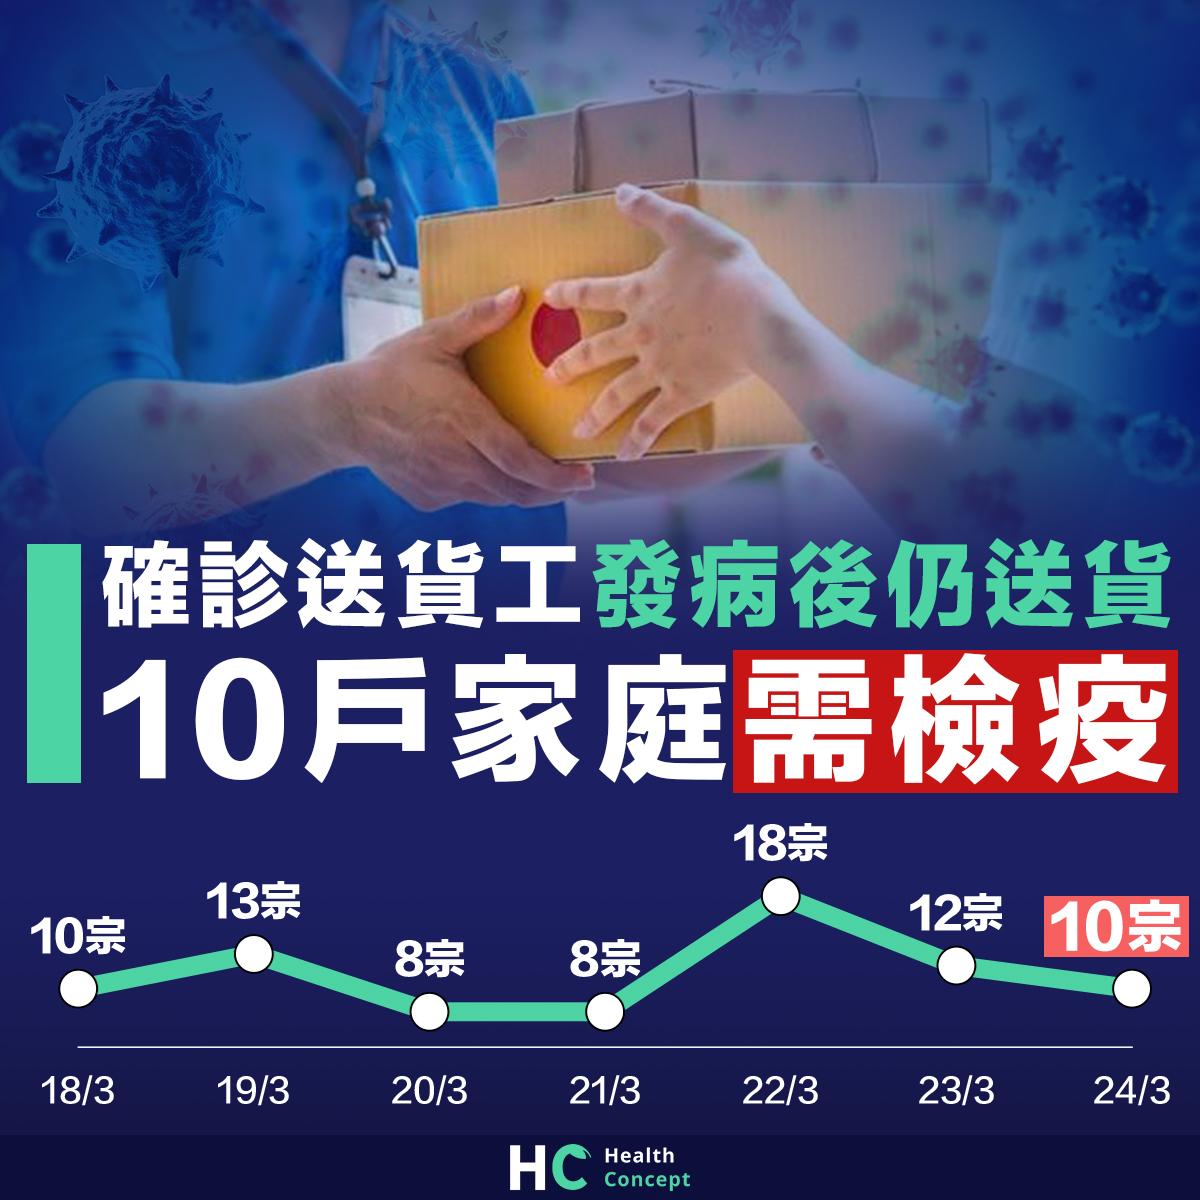 確診送貨工發病後仍送貨 10戶家庭需檢疫